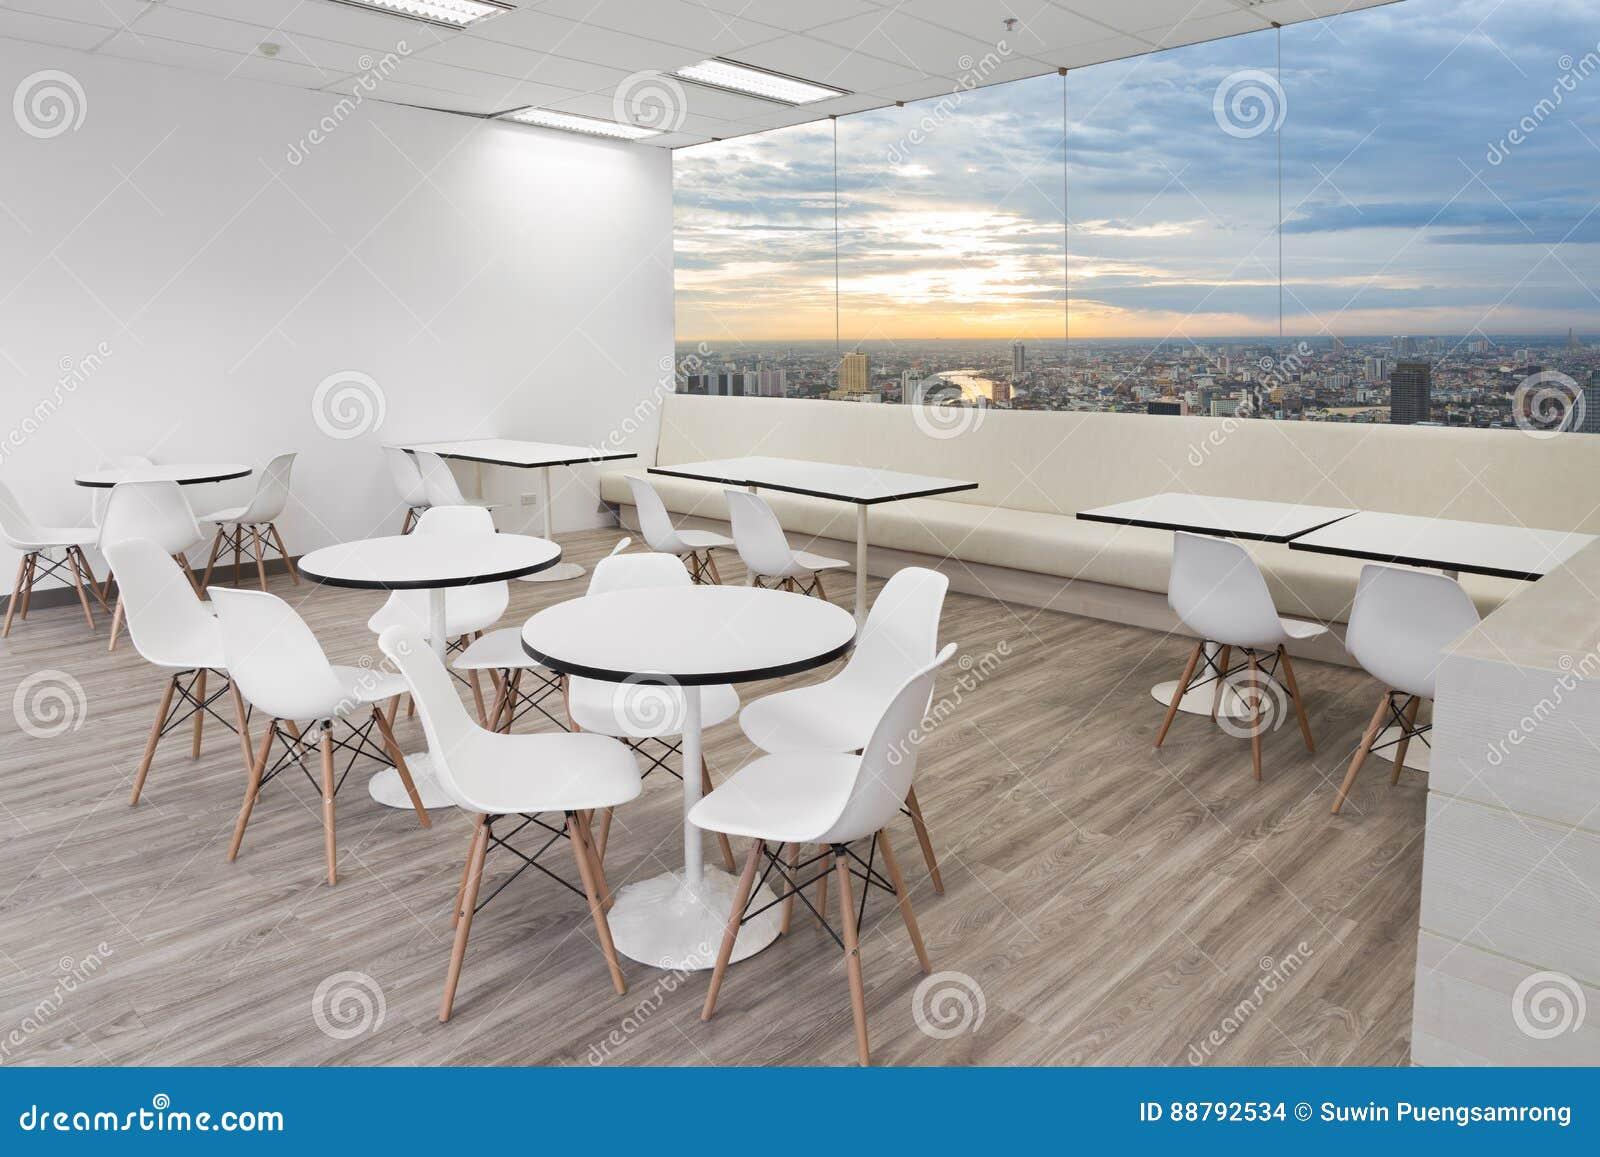 Weisser Holzstuhl In Esszimmer Des Modernen Buros Mit Fenstern